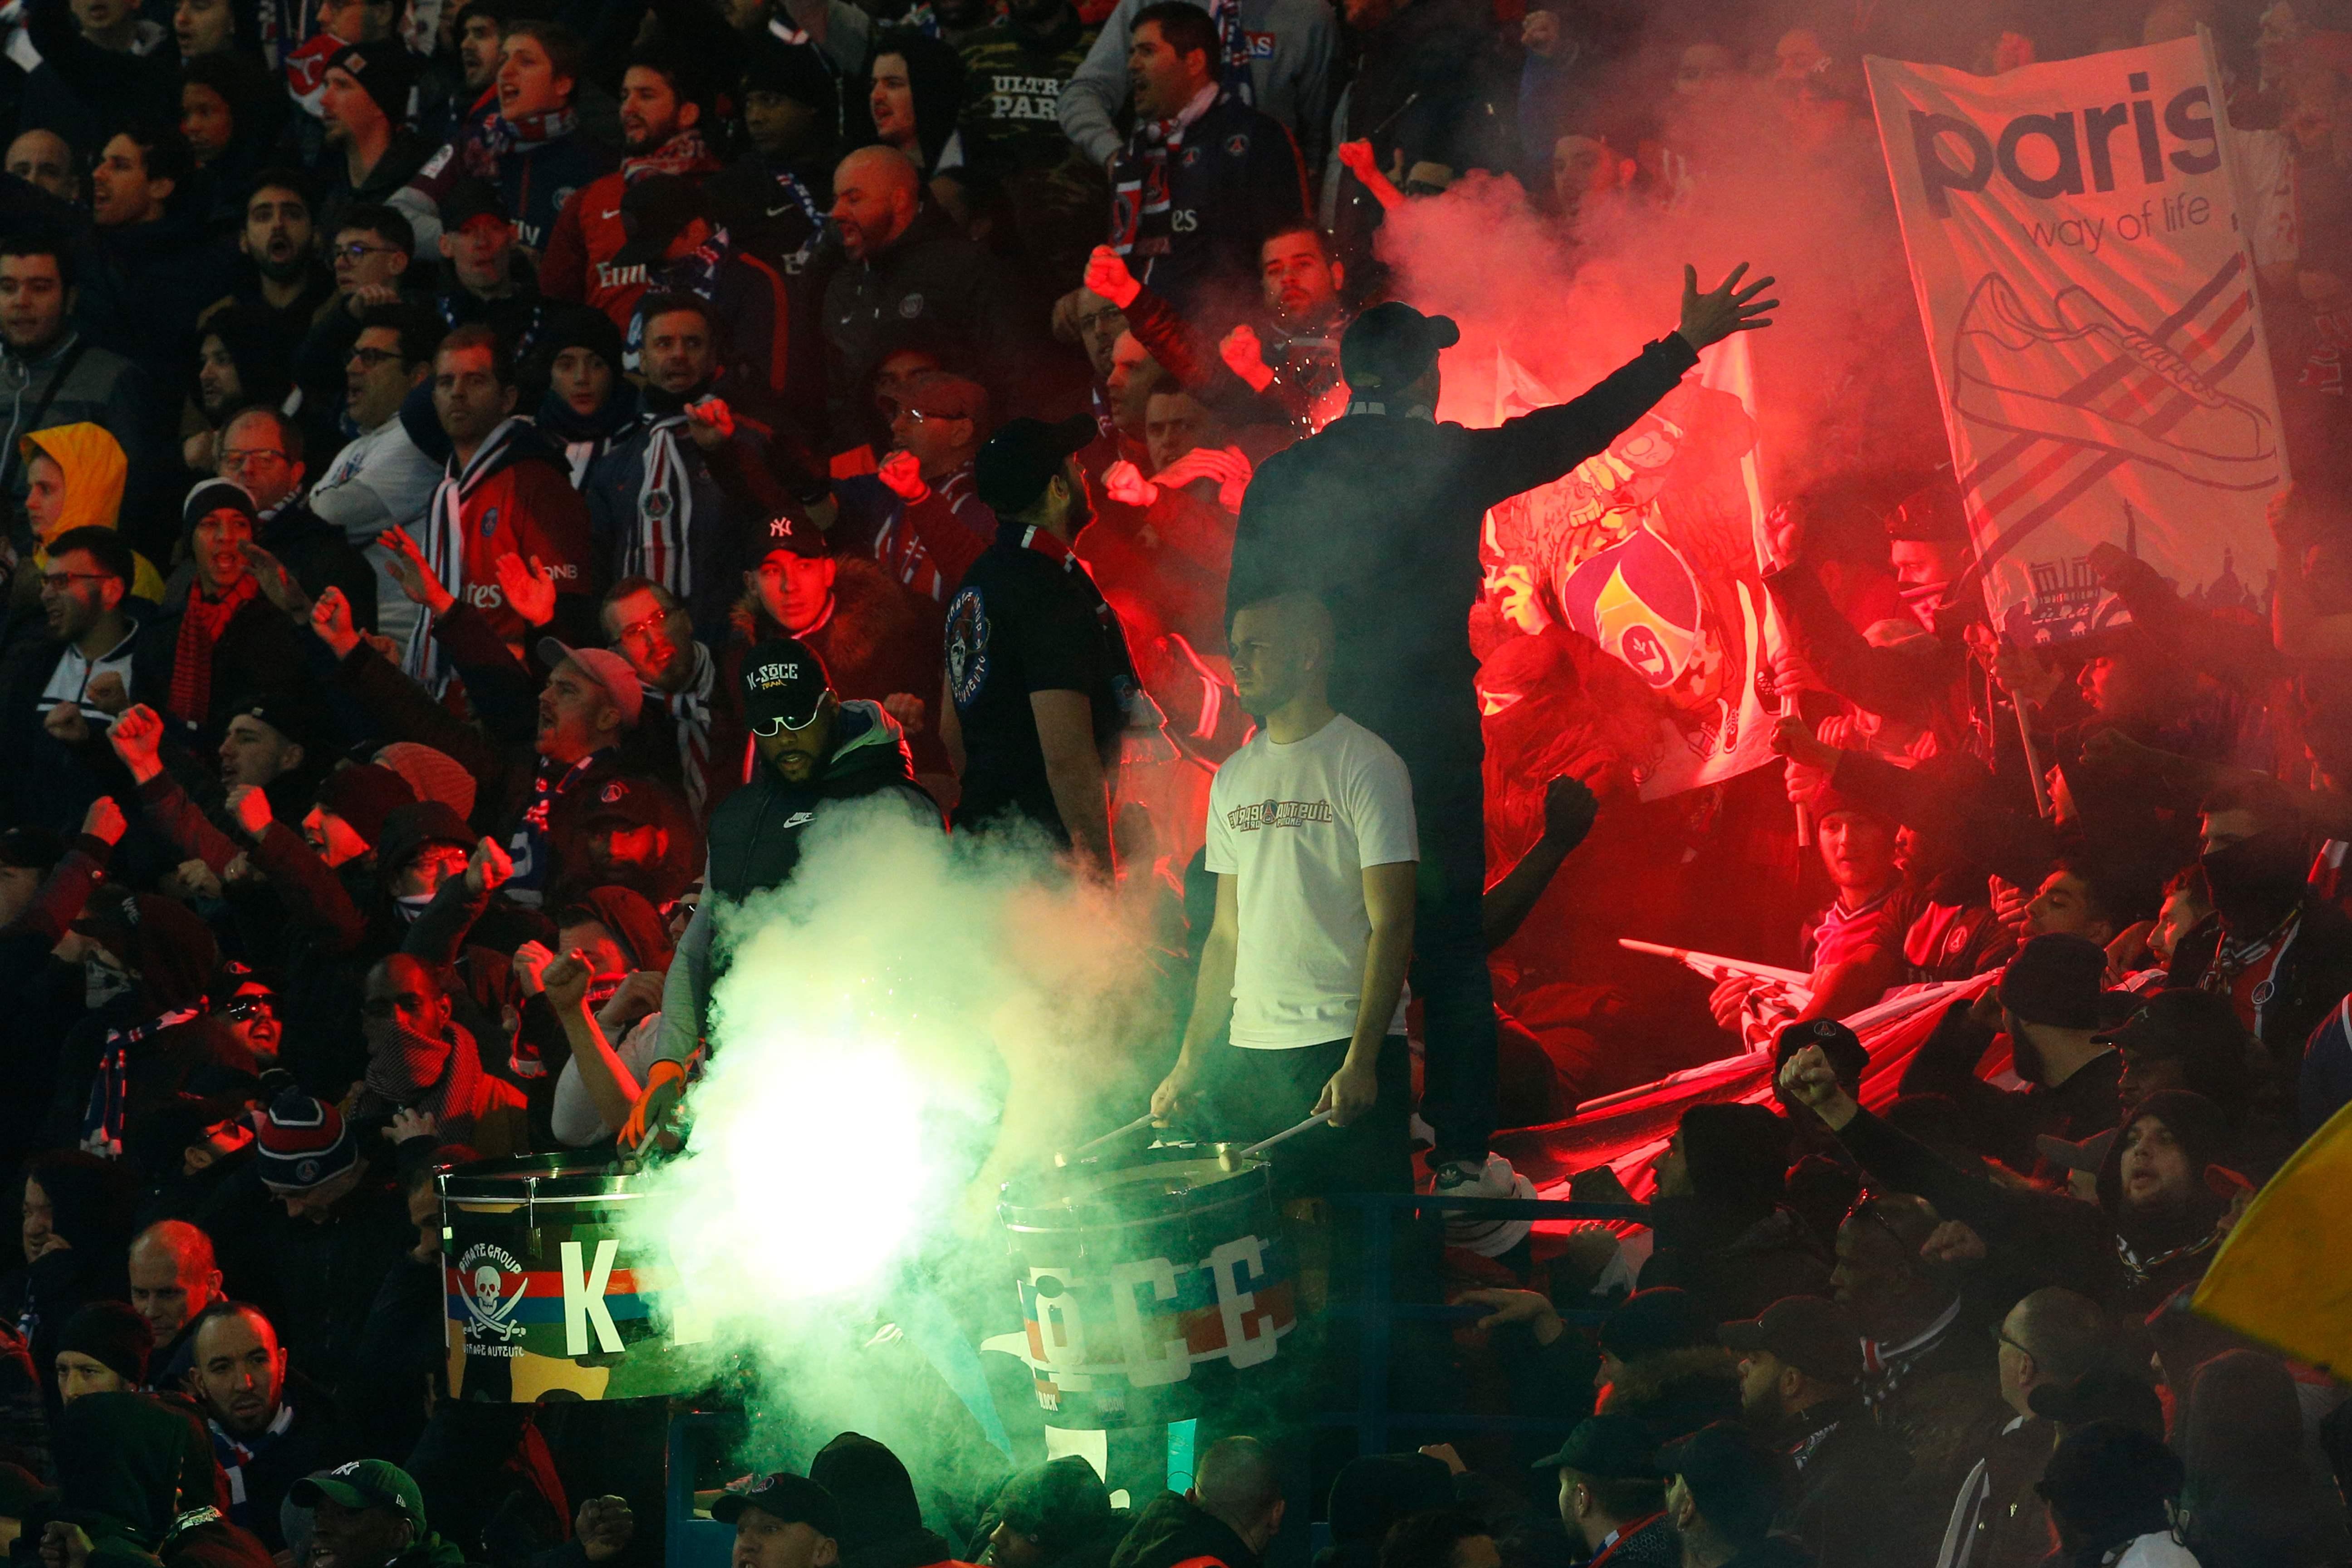 PSG in volgend Europees duel zonder deel publiek na rellen tegen Real